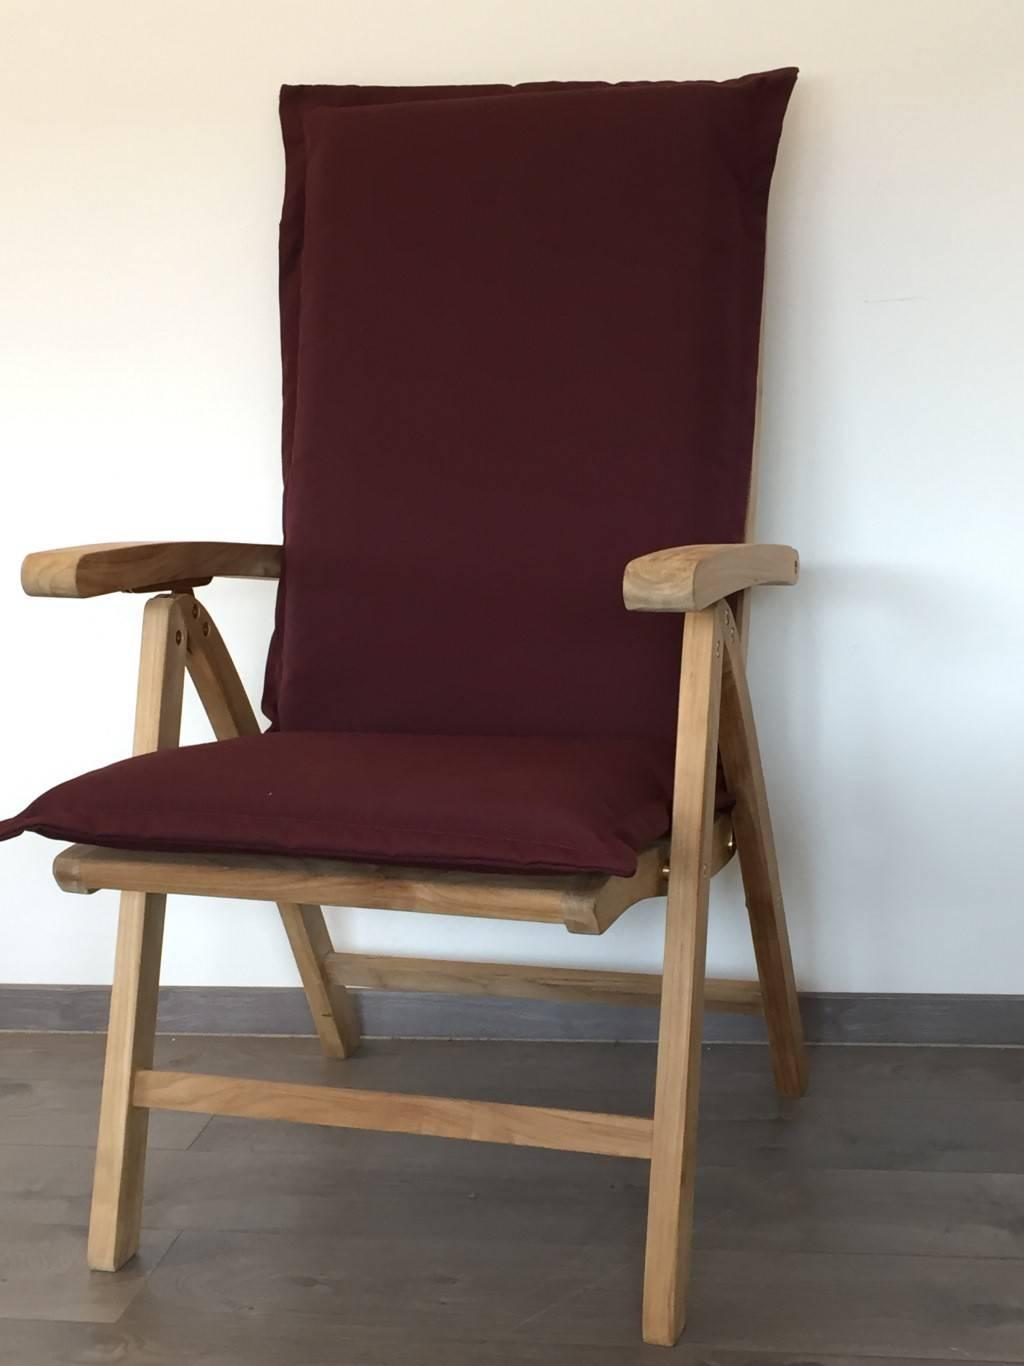 auflagen von jarke dick gepolstert in der farbe bordeaux mit rei verschluss in div farben. Black Bedroom Furniture Sets. Home Design Ideas